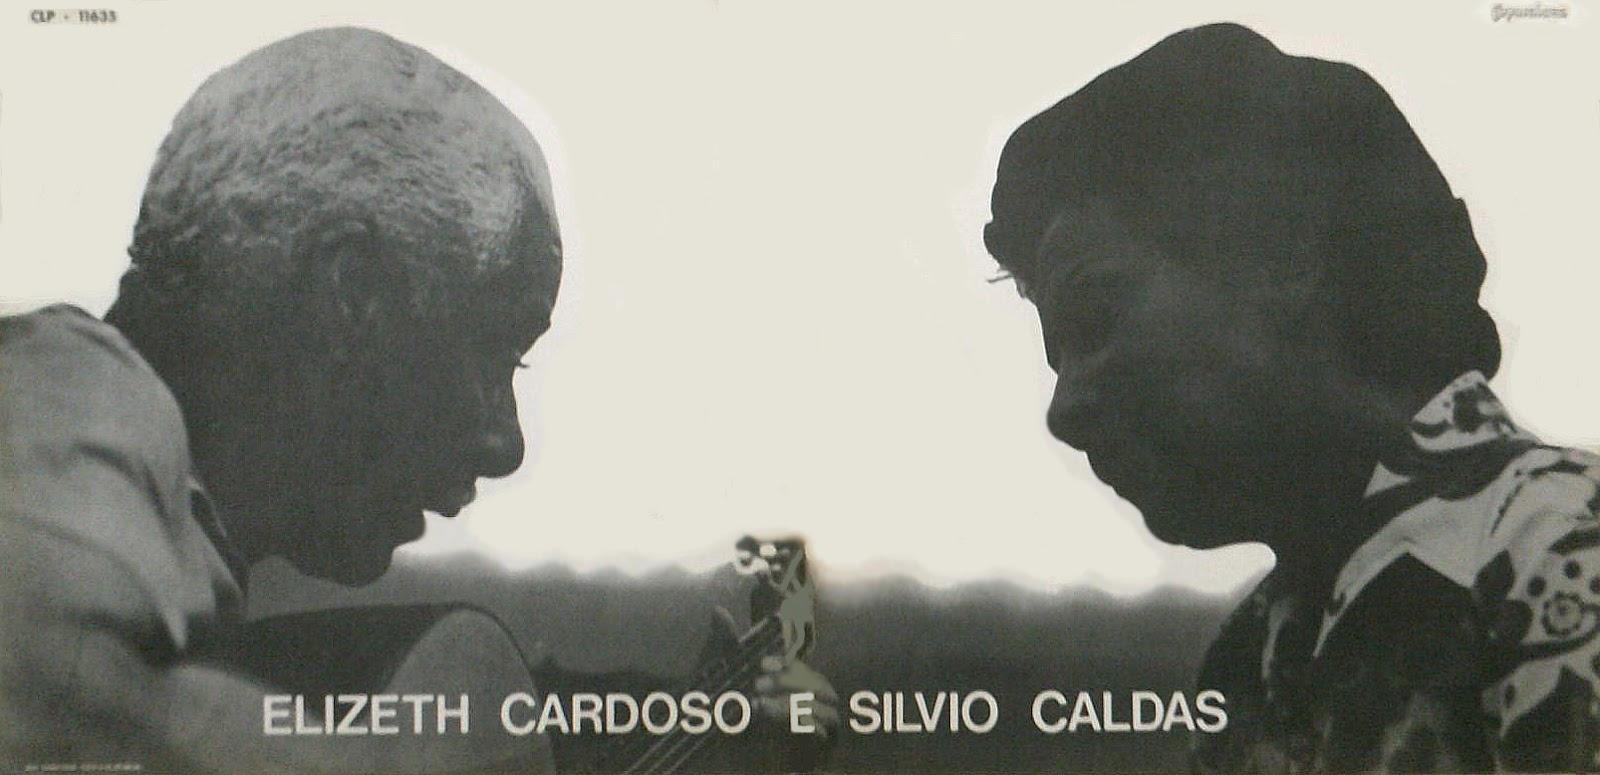 DE BAIXAR MUSICAS ELIZETH CARDOSO